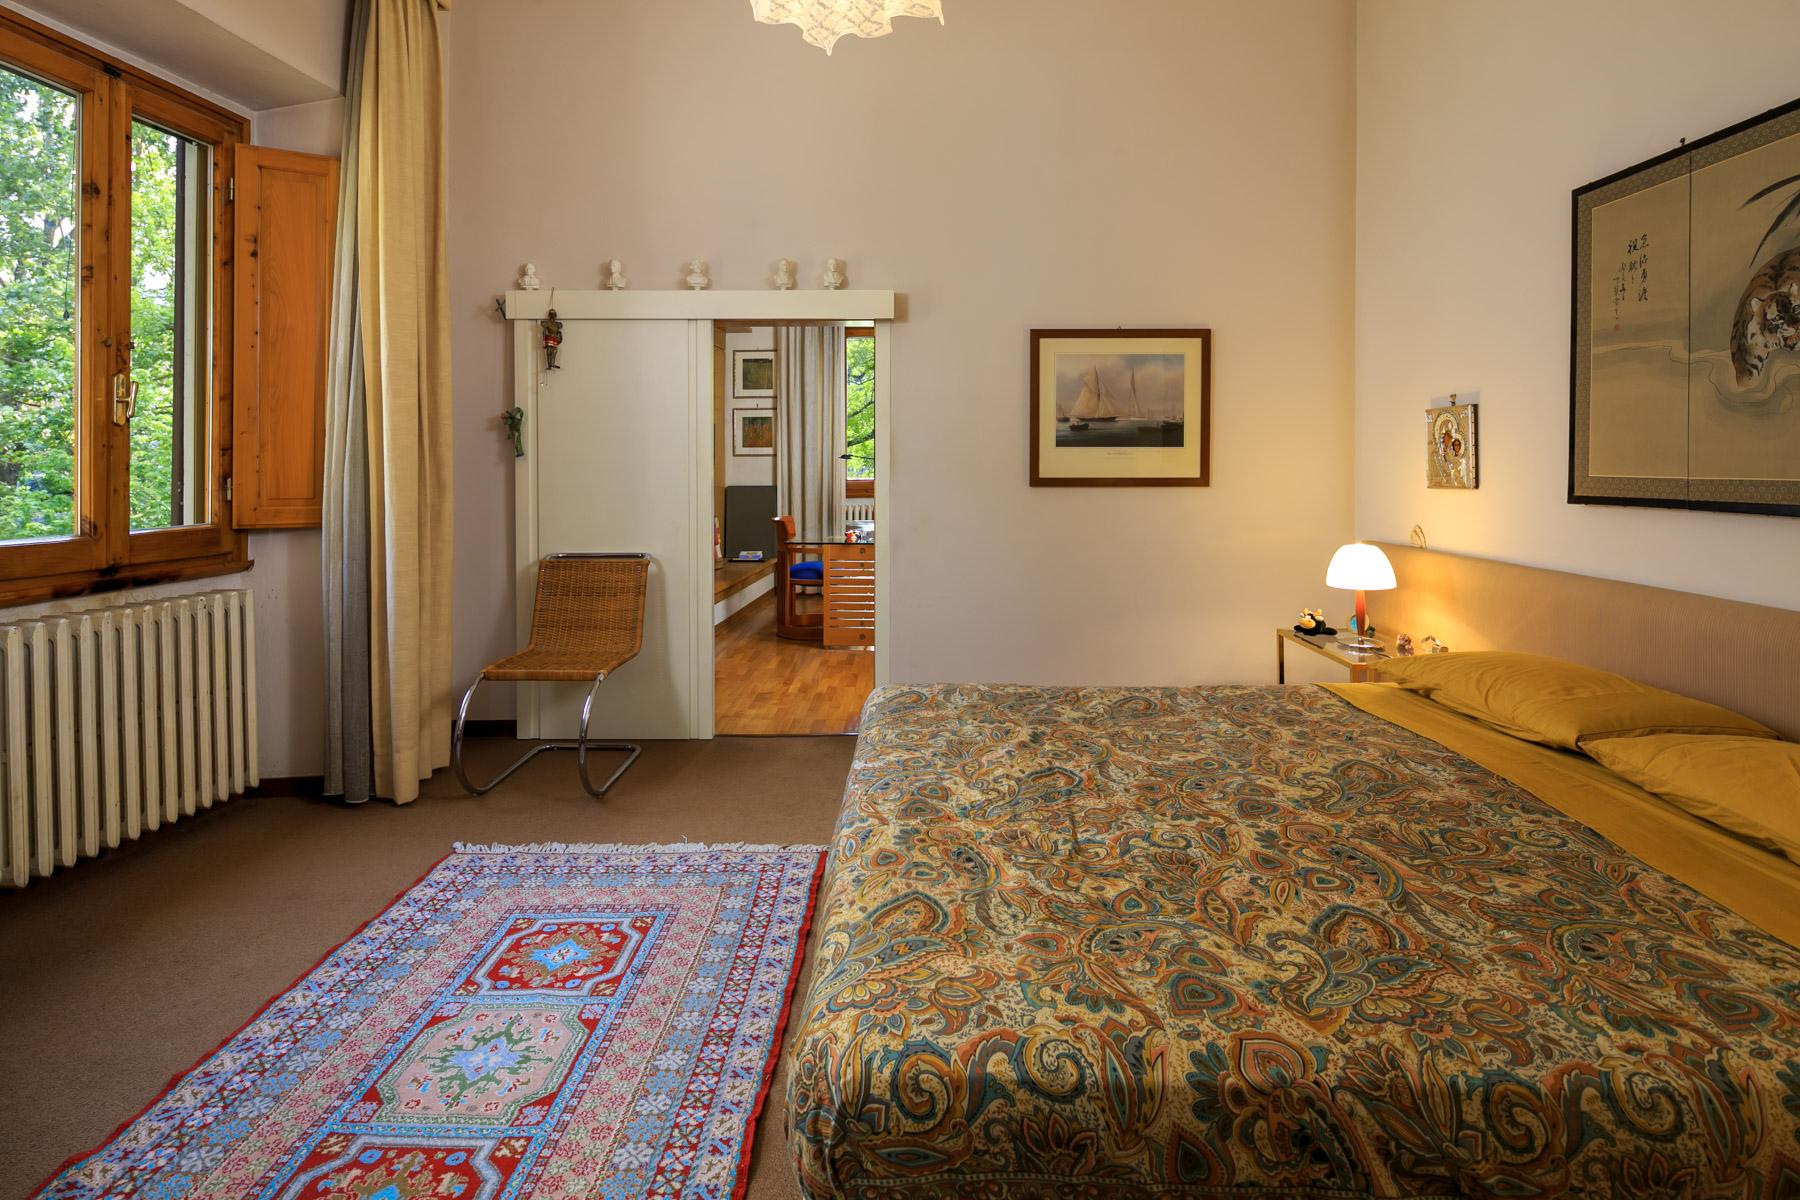 Villa in Vendita a Incisa In Val D'Arno: 5 locali, 750 mq - Foto 12